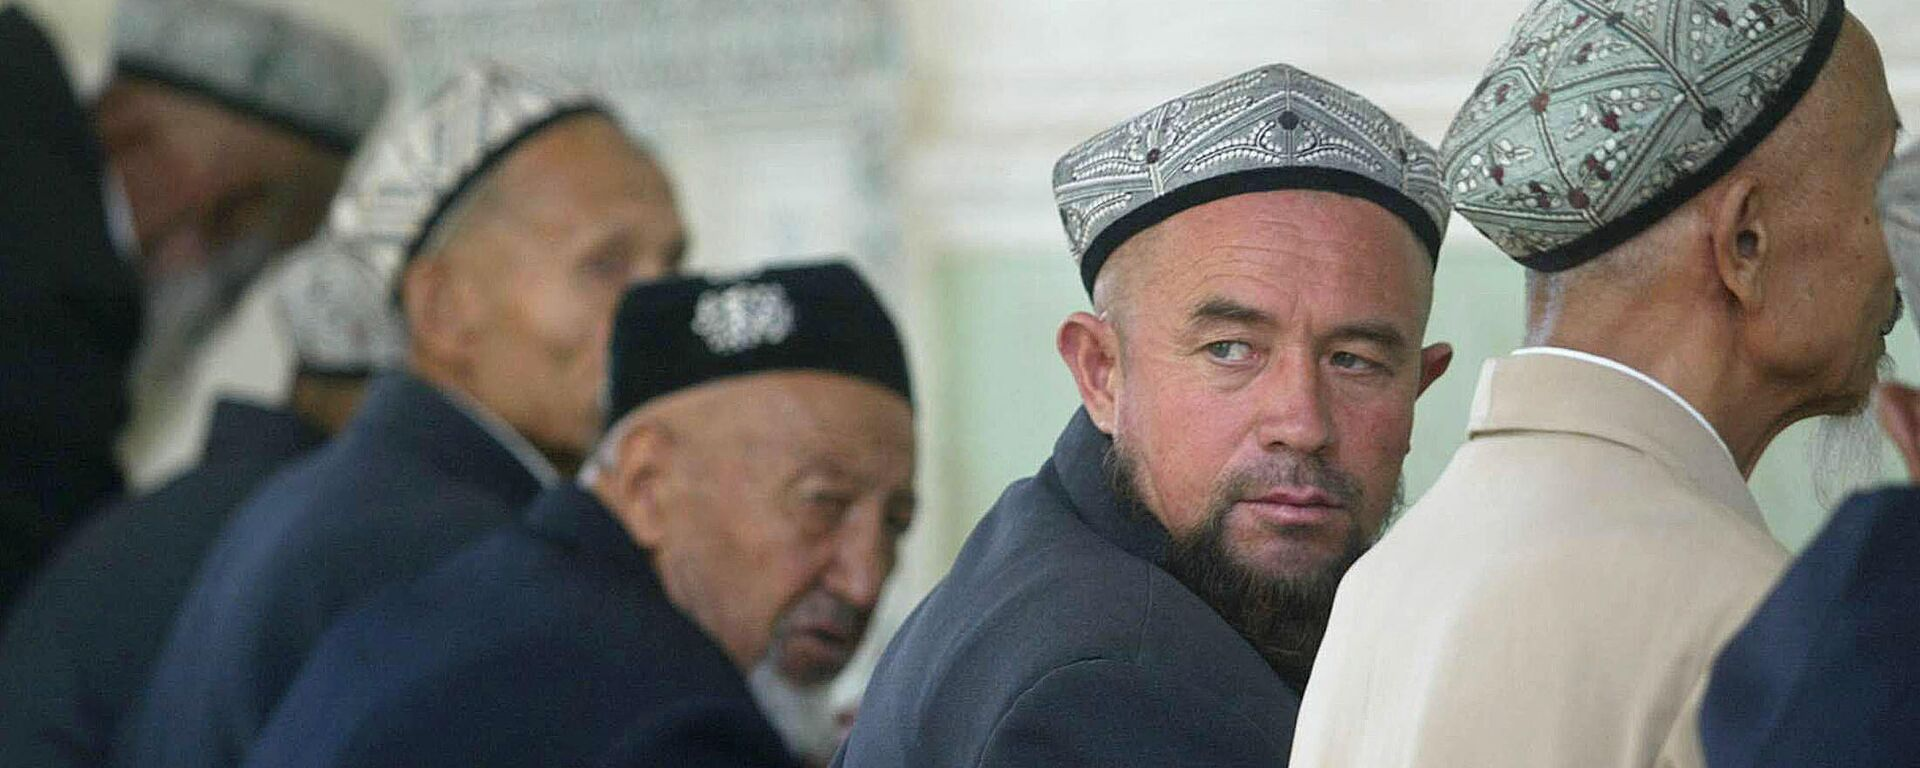 Uiguren im Nordwesten Chinas beim Besuch des Nachmittagsgebets - SNA, 1920, 10.03.2021